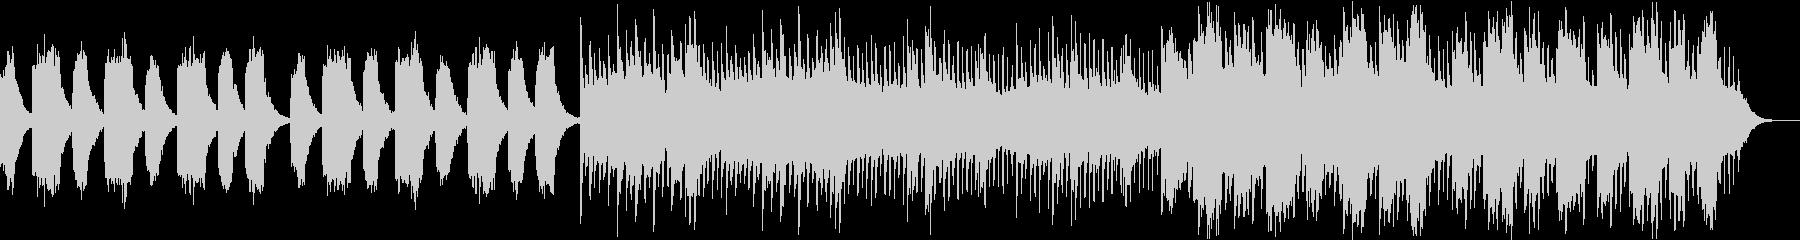 シンプルで壮大なストリングスバラードの未再生の波形